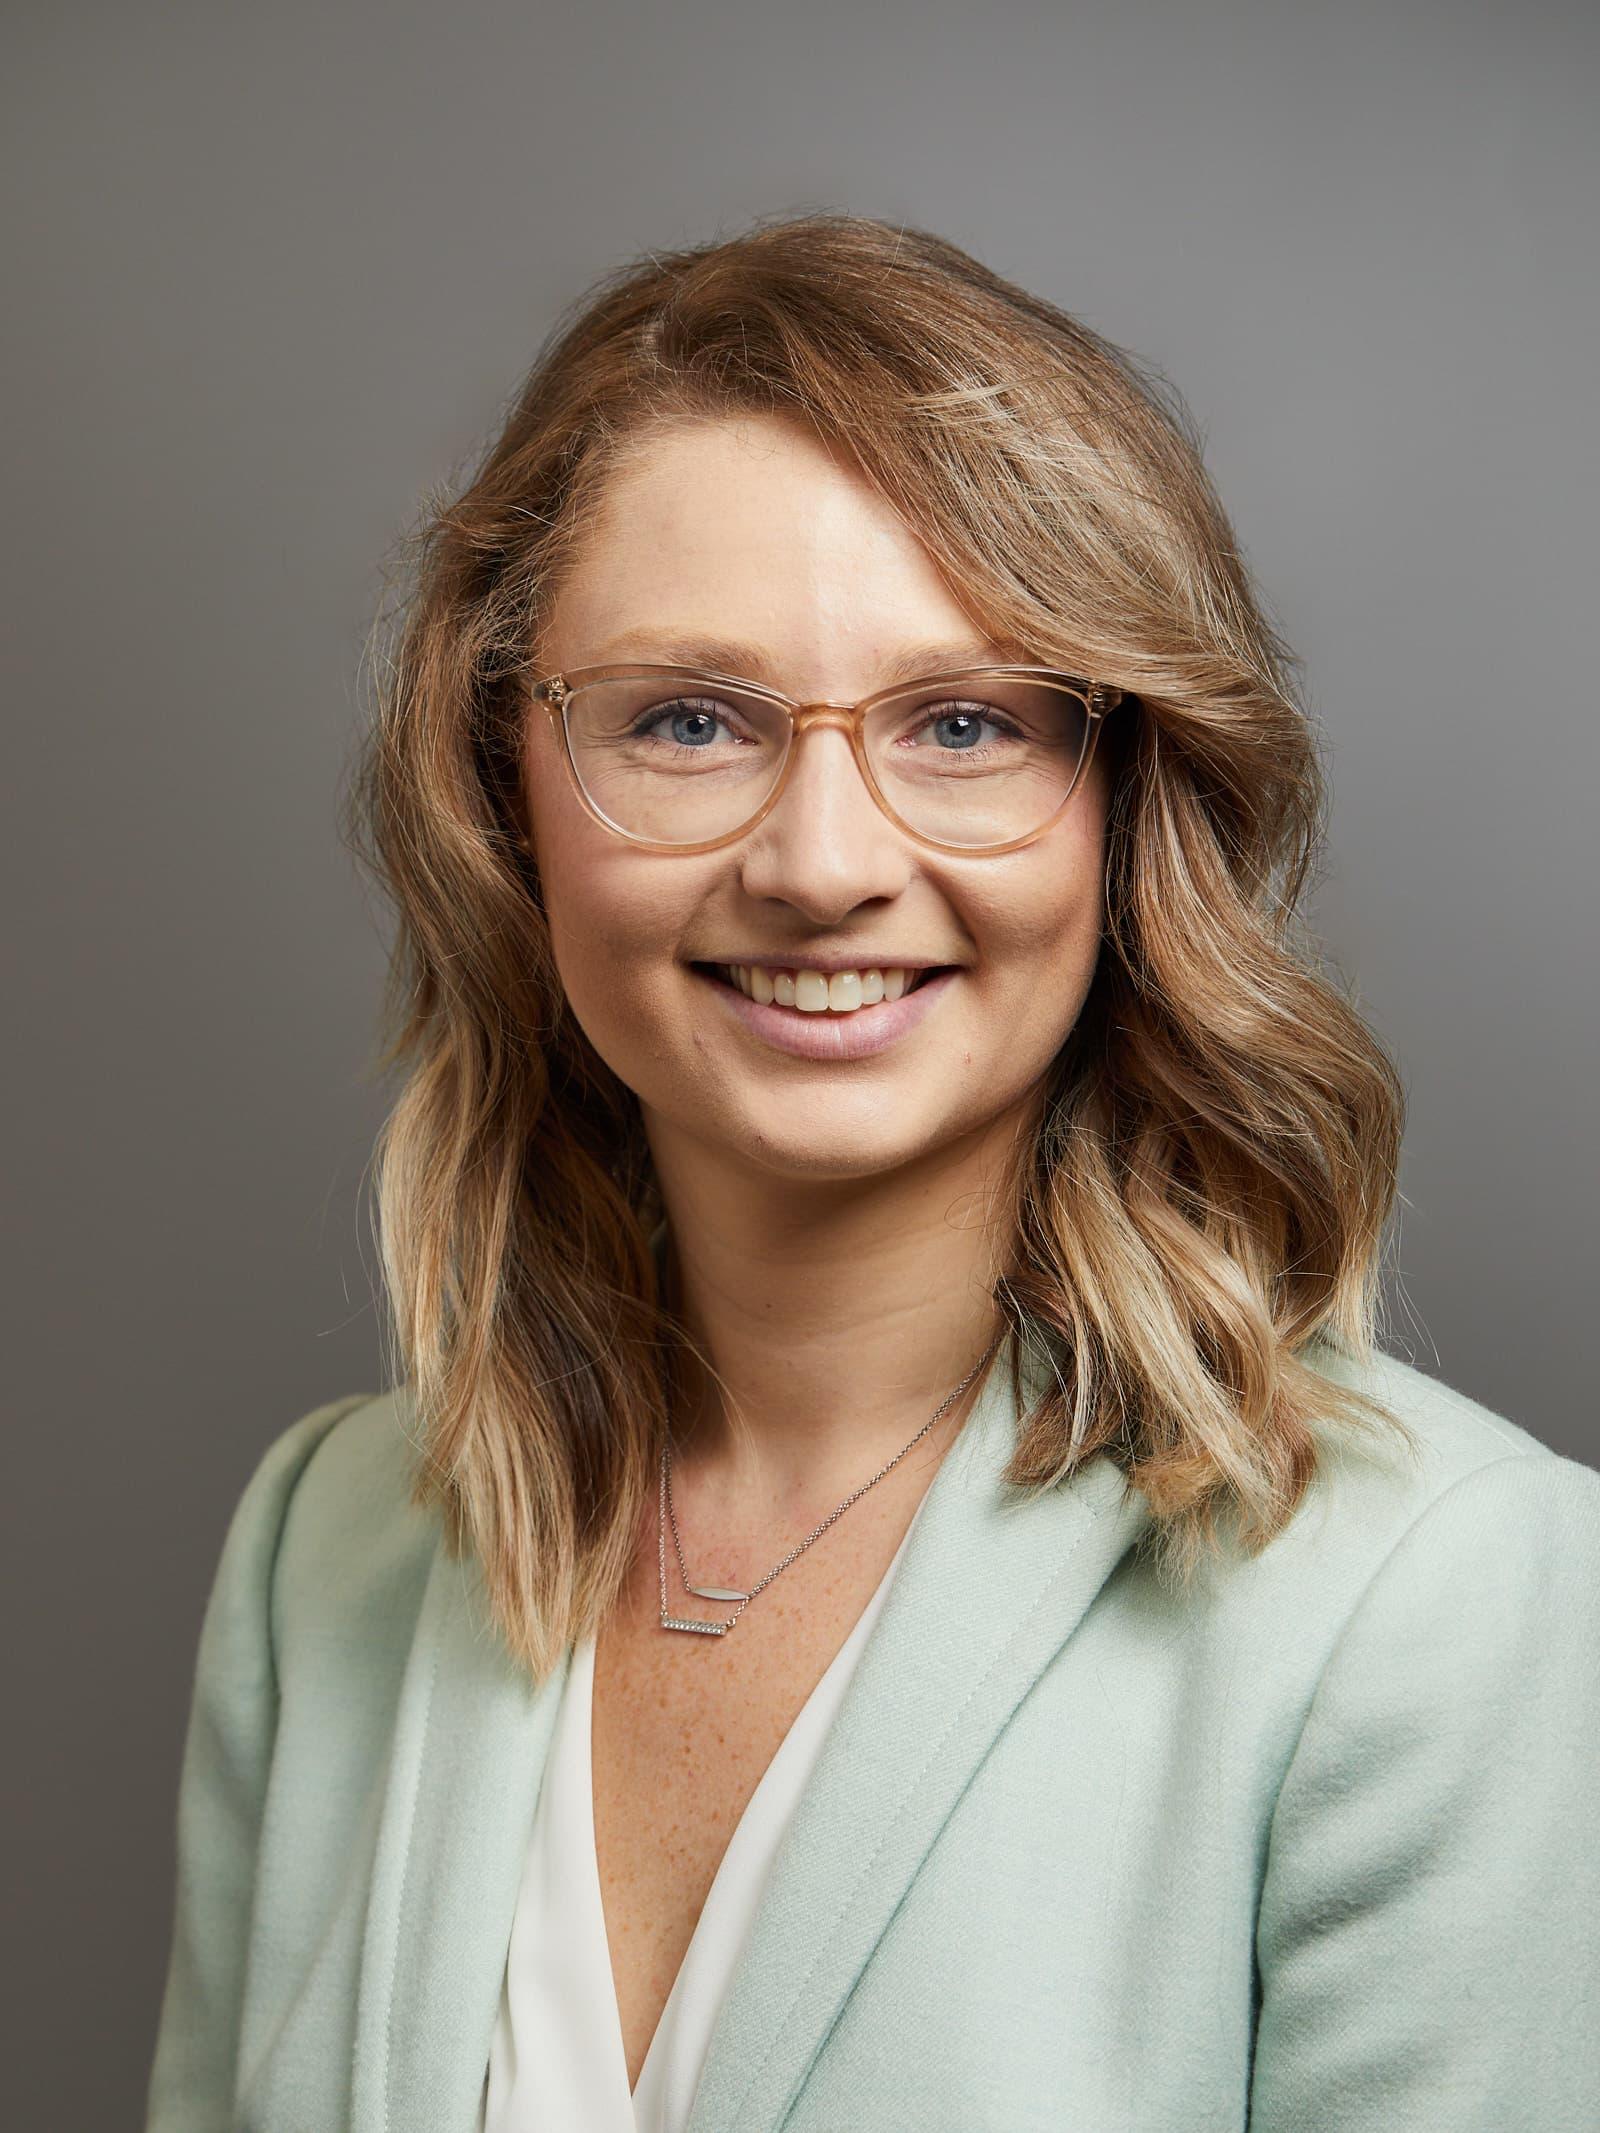 Jill Deutsch